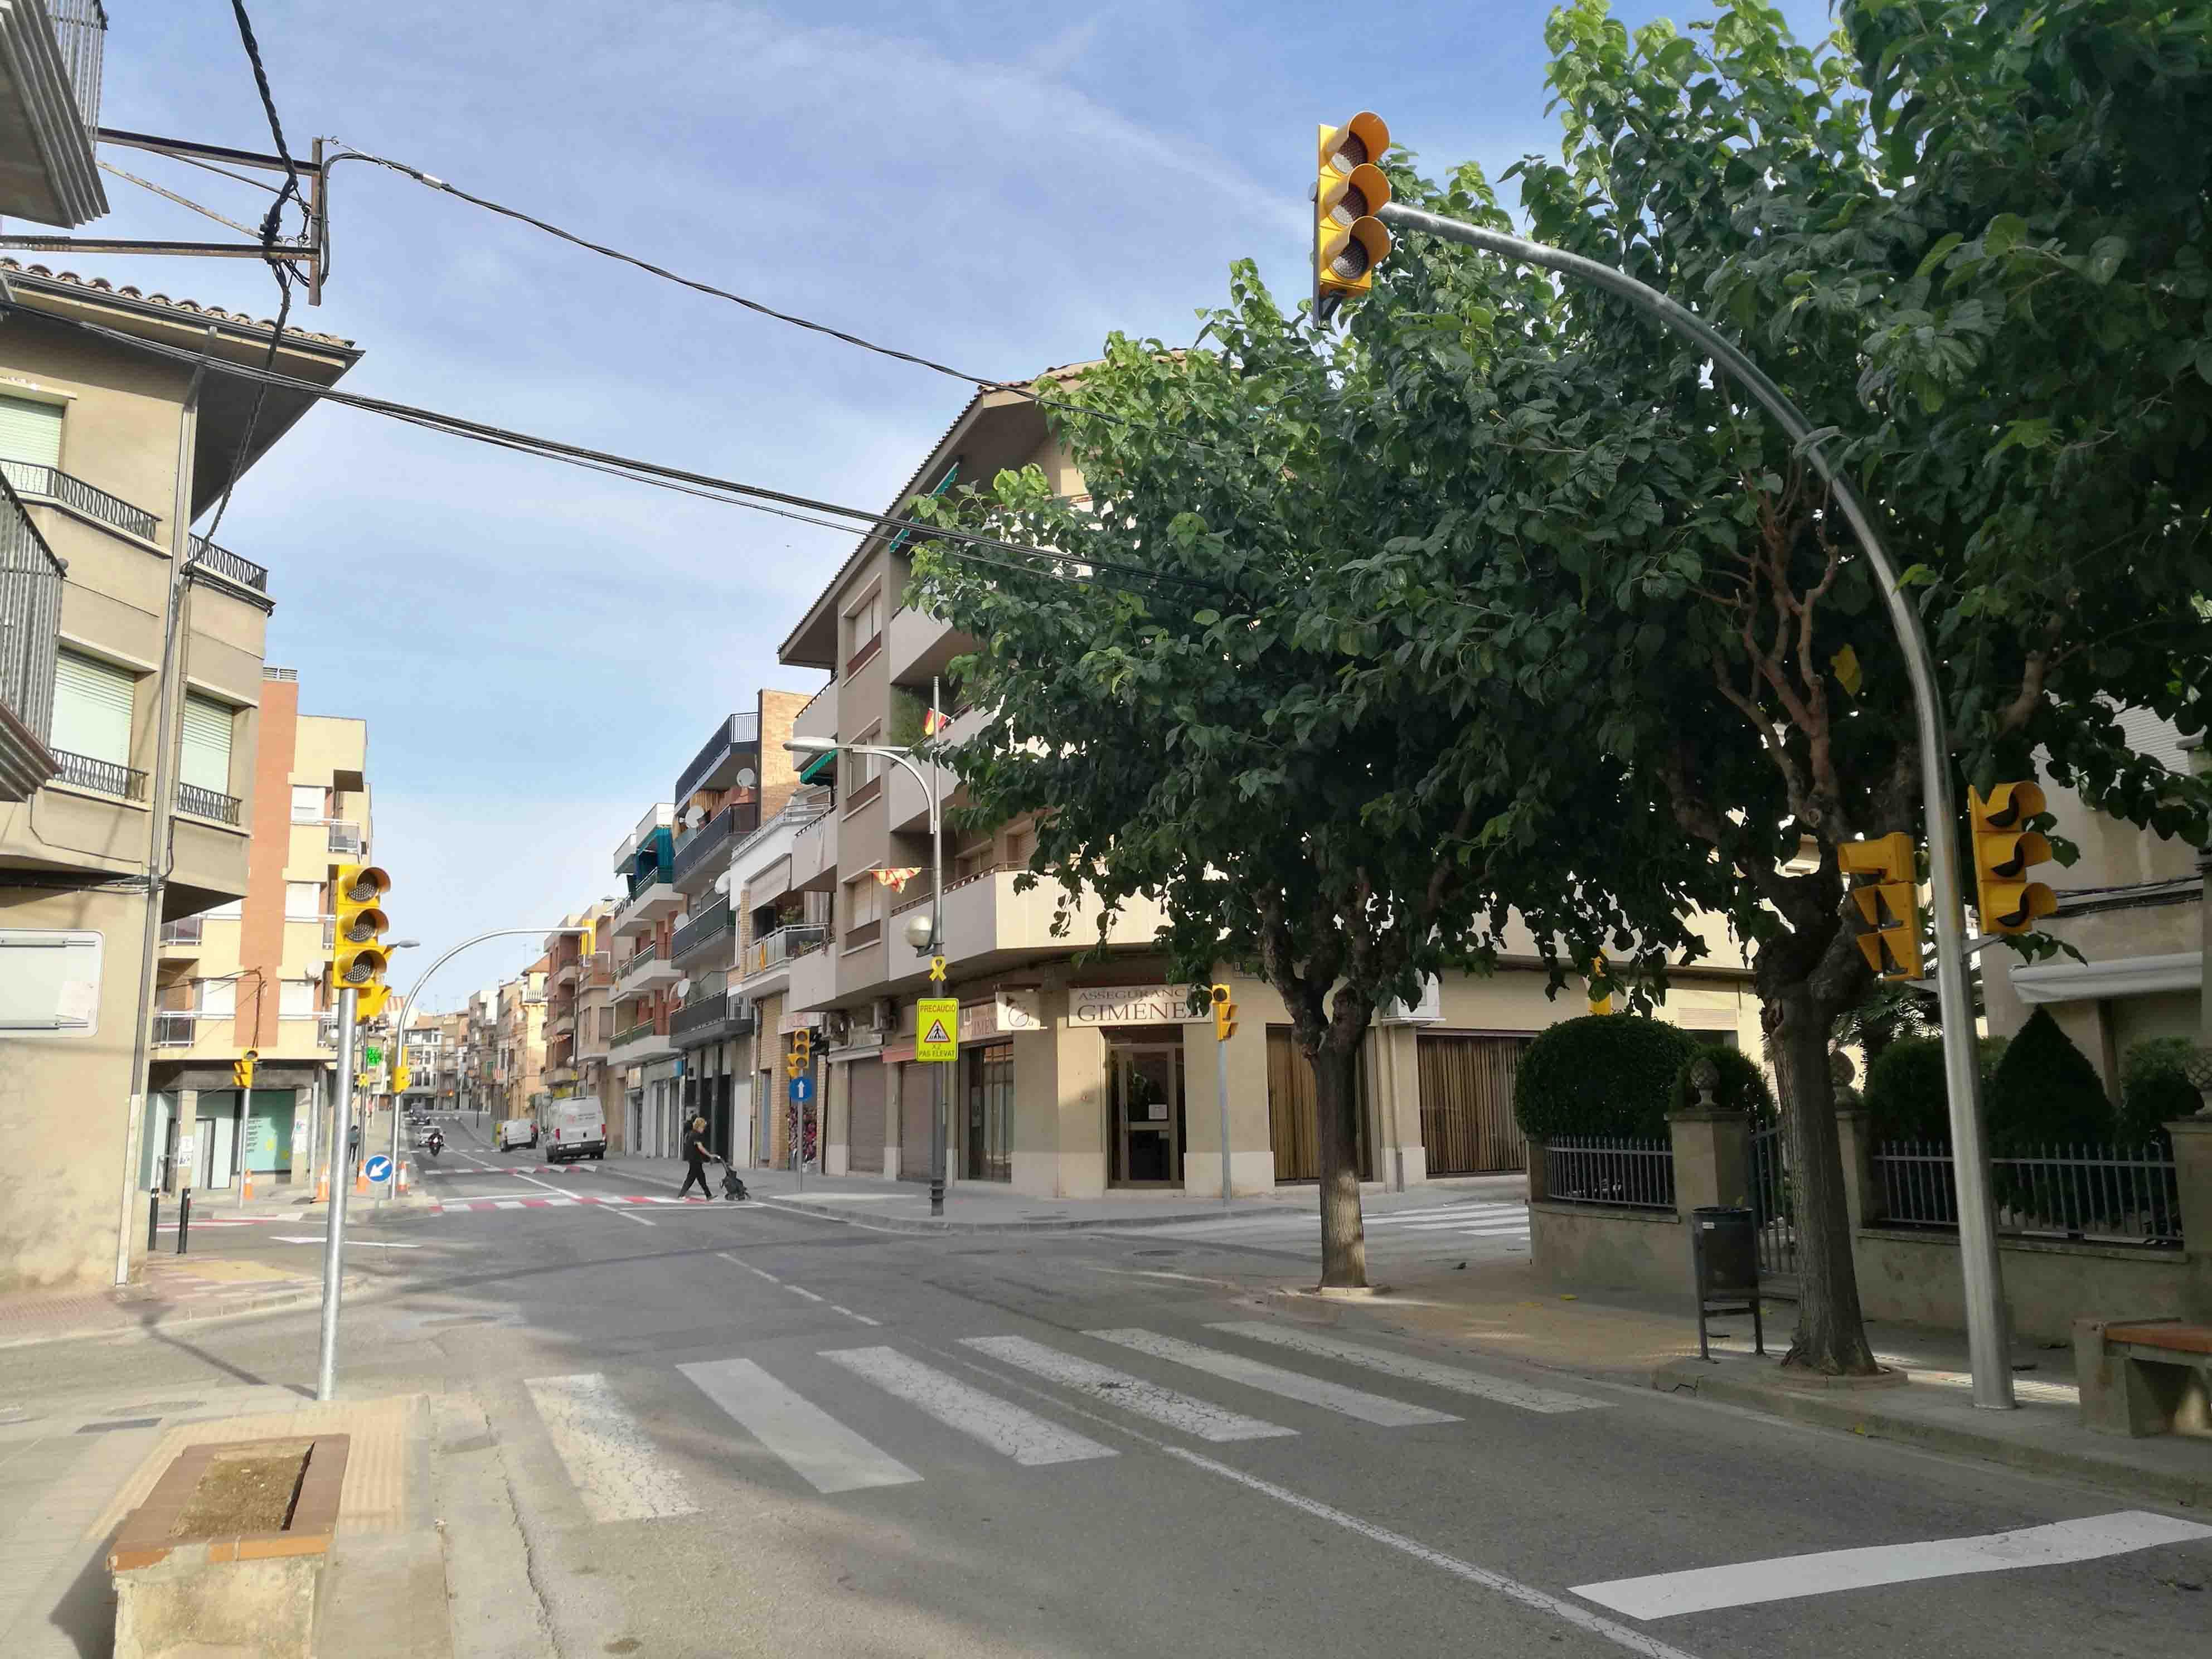 Nova regulació de trànsit a Agramunt desprès de les obres de l'Avinguada Jaume Mestres